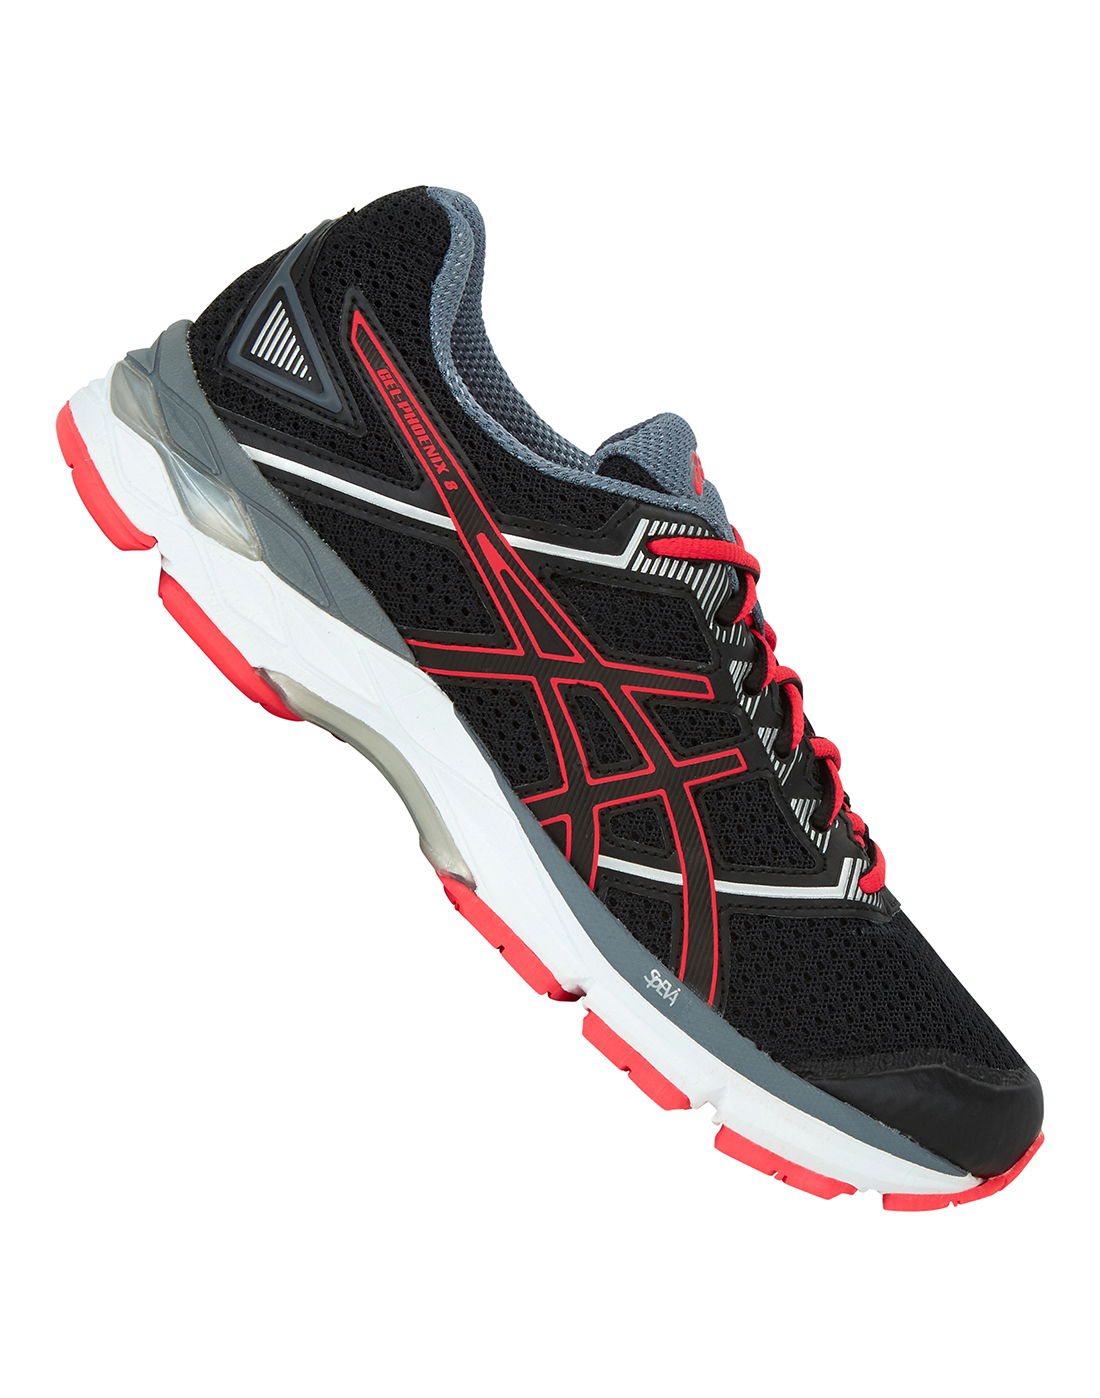 asics gel phoenix 8 women's running shoes